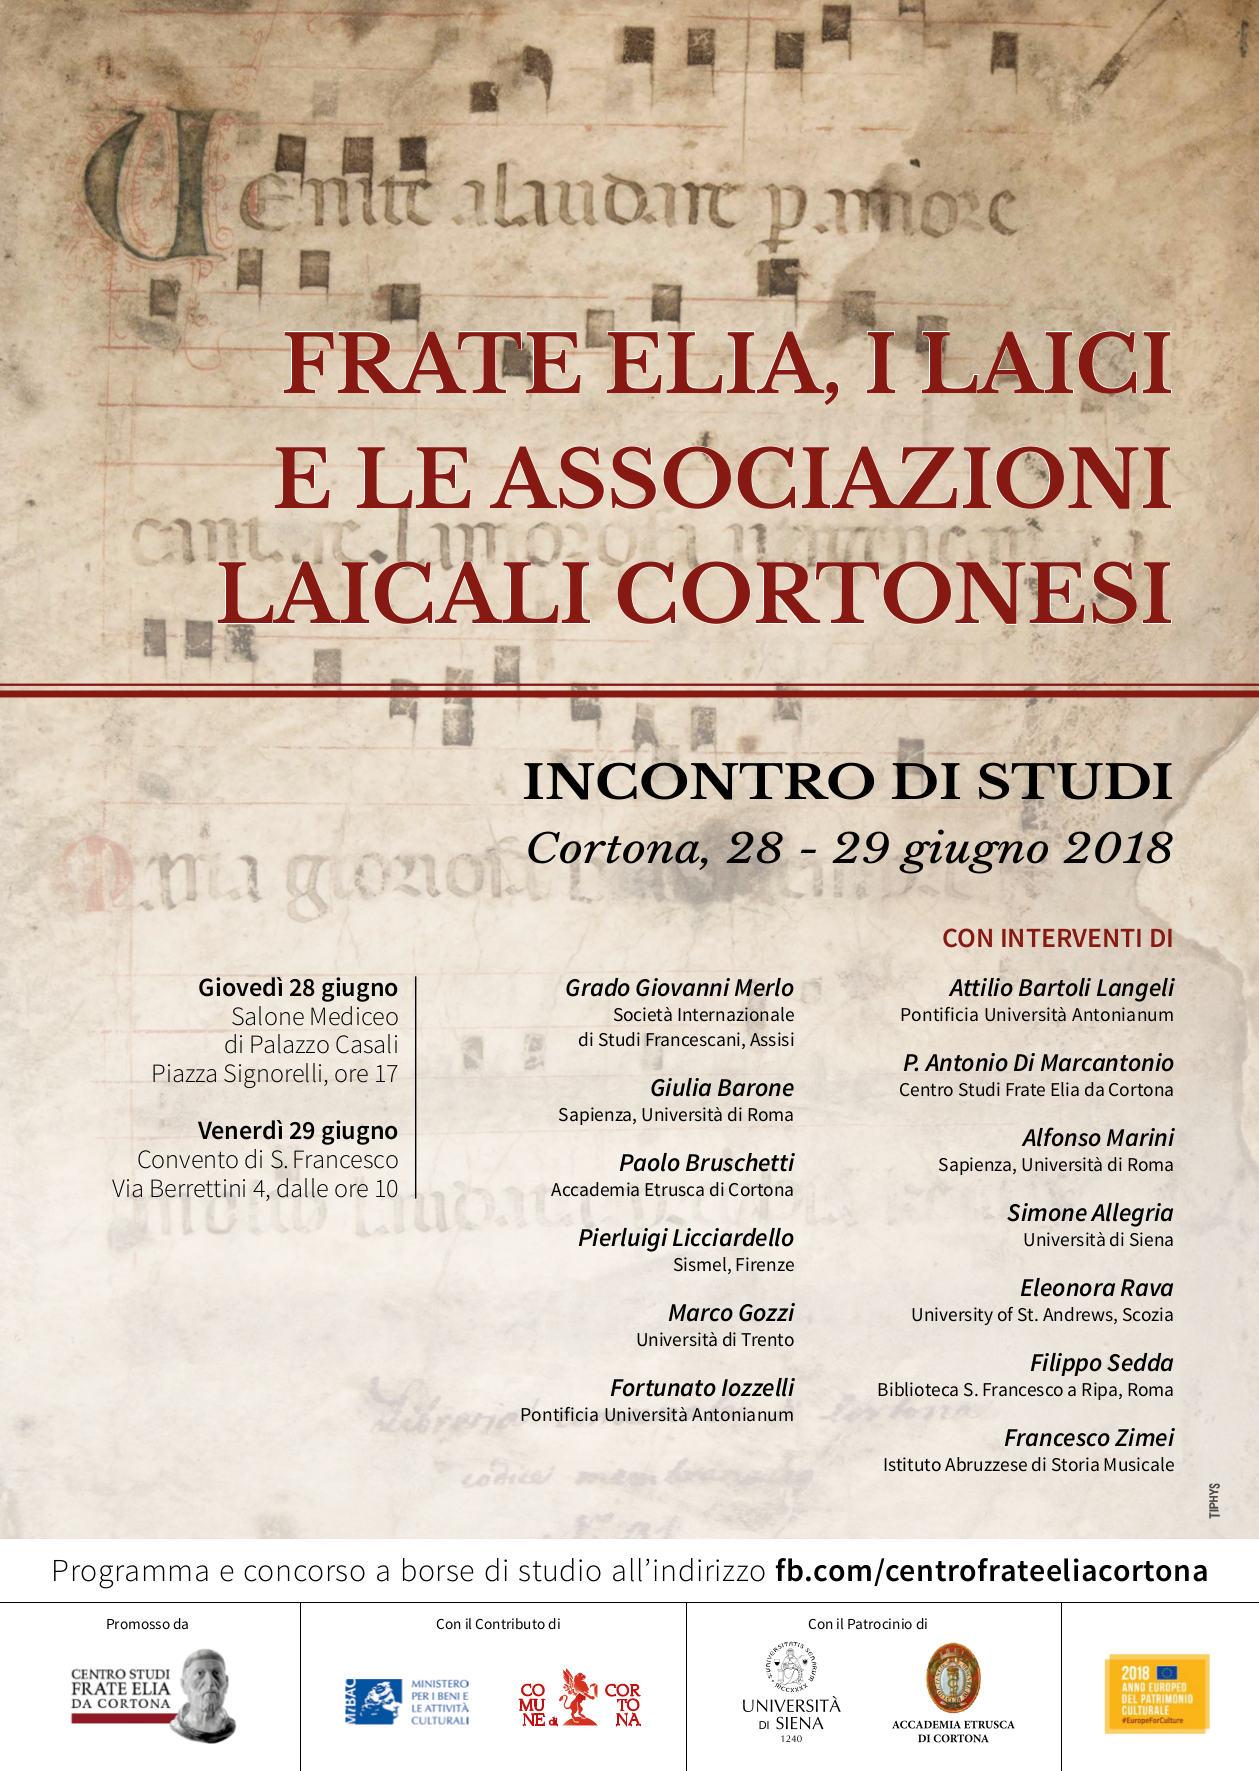 Frate Elia, i laici e le associazioni laicali cortonesi. Convegno a Cortona